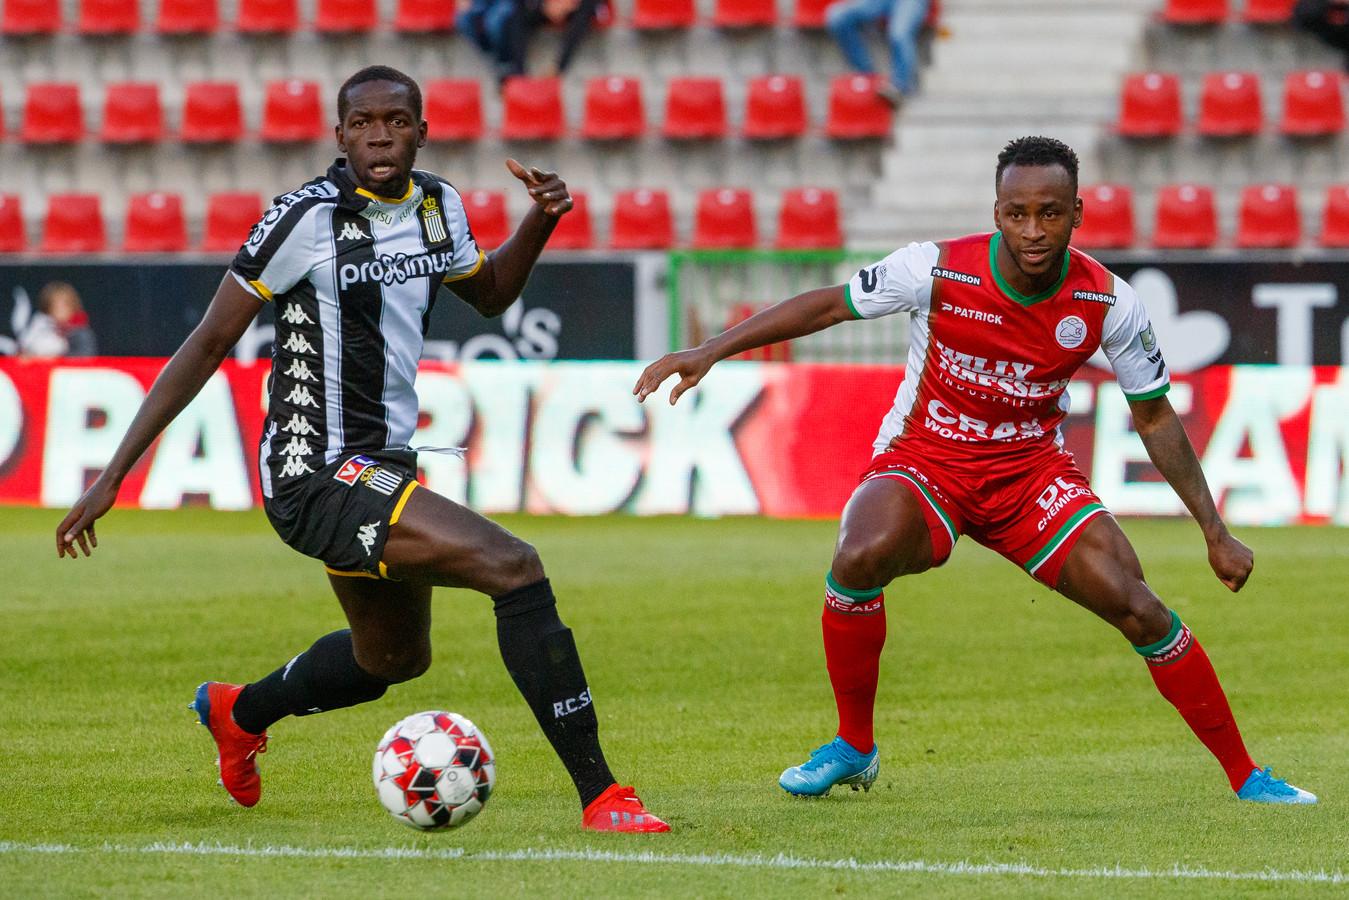 En fin de contrat avec Charleroi, Christophe Diandy signe à Mouscron.